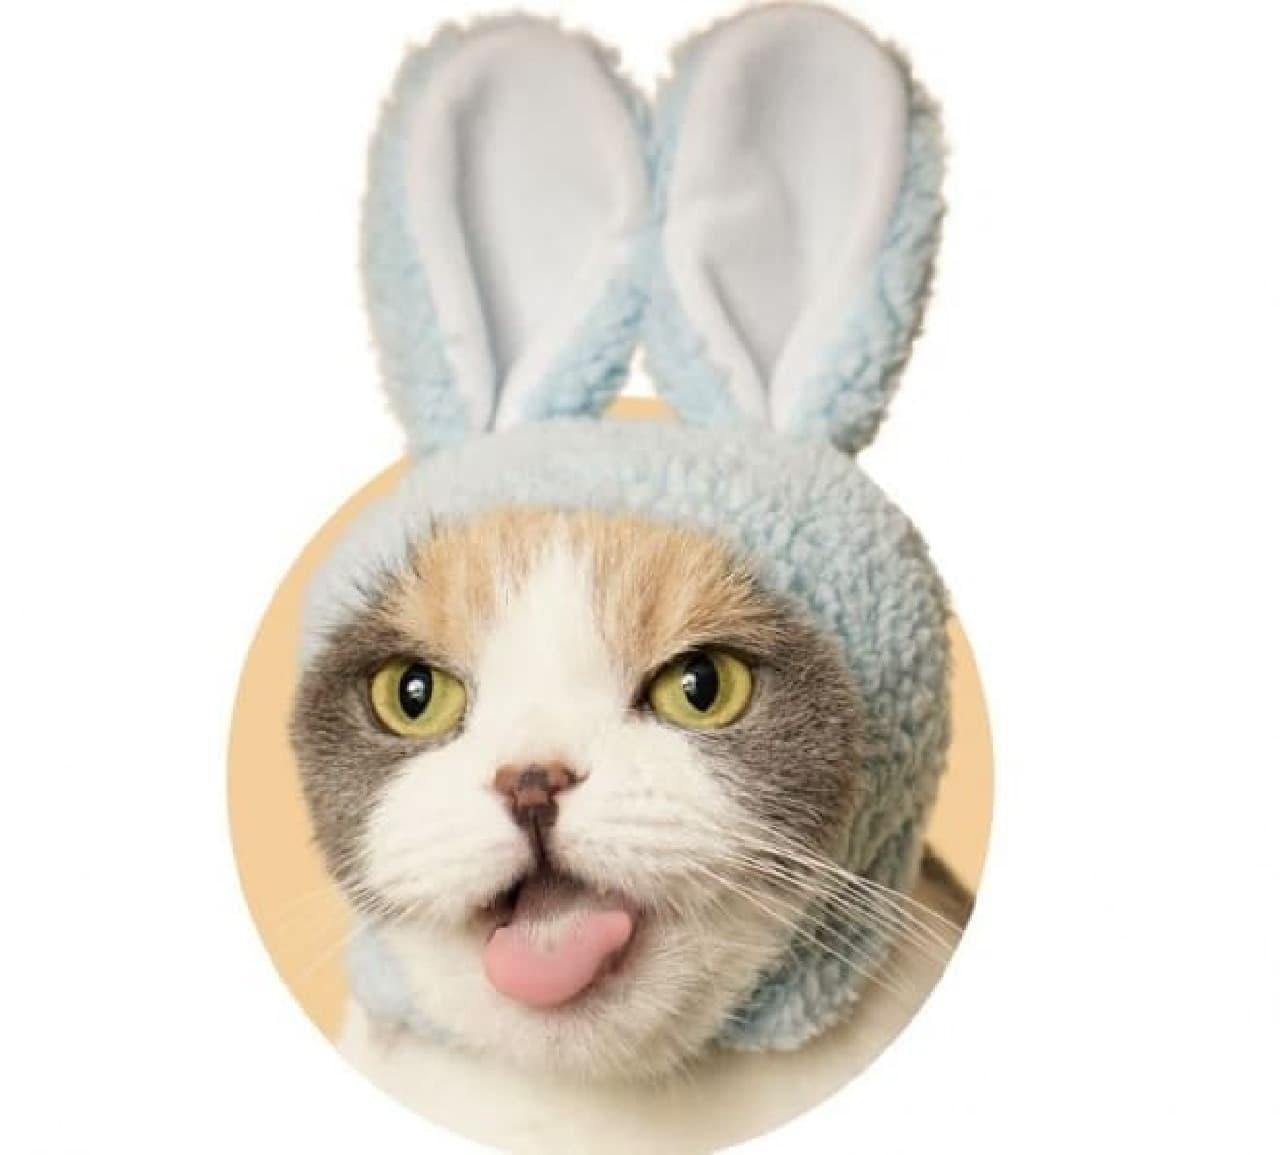 ネコ向けのかぶりものガチャ「かわいい かわいい ねこうさぎちゃん」発売